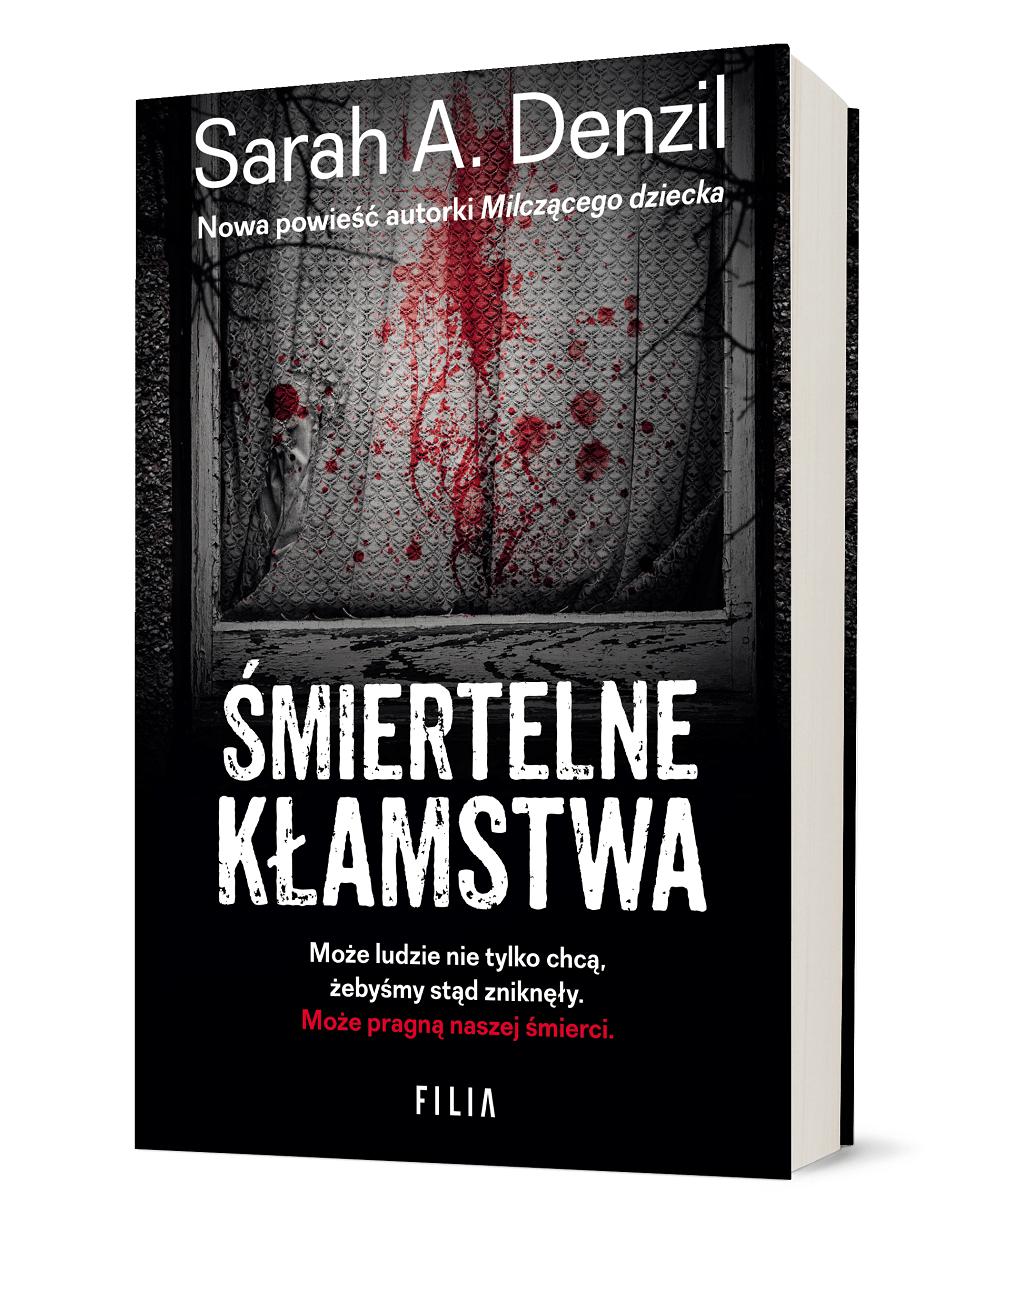 Sarah A. Denzil – Śmiertelne kłamstwa